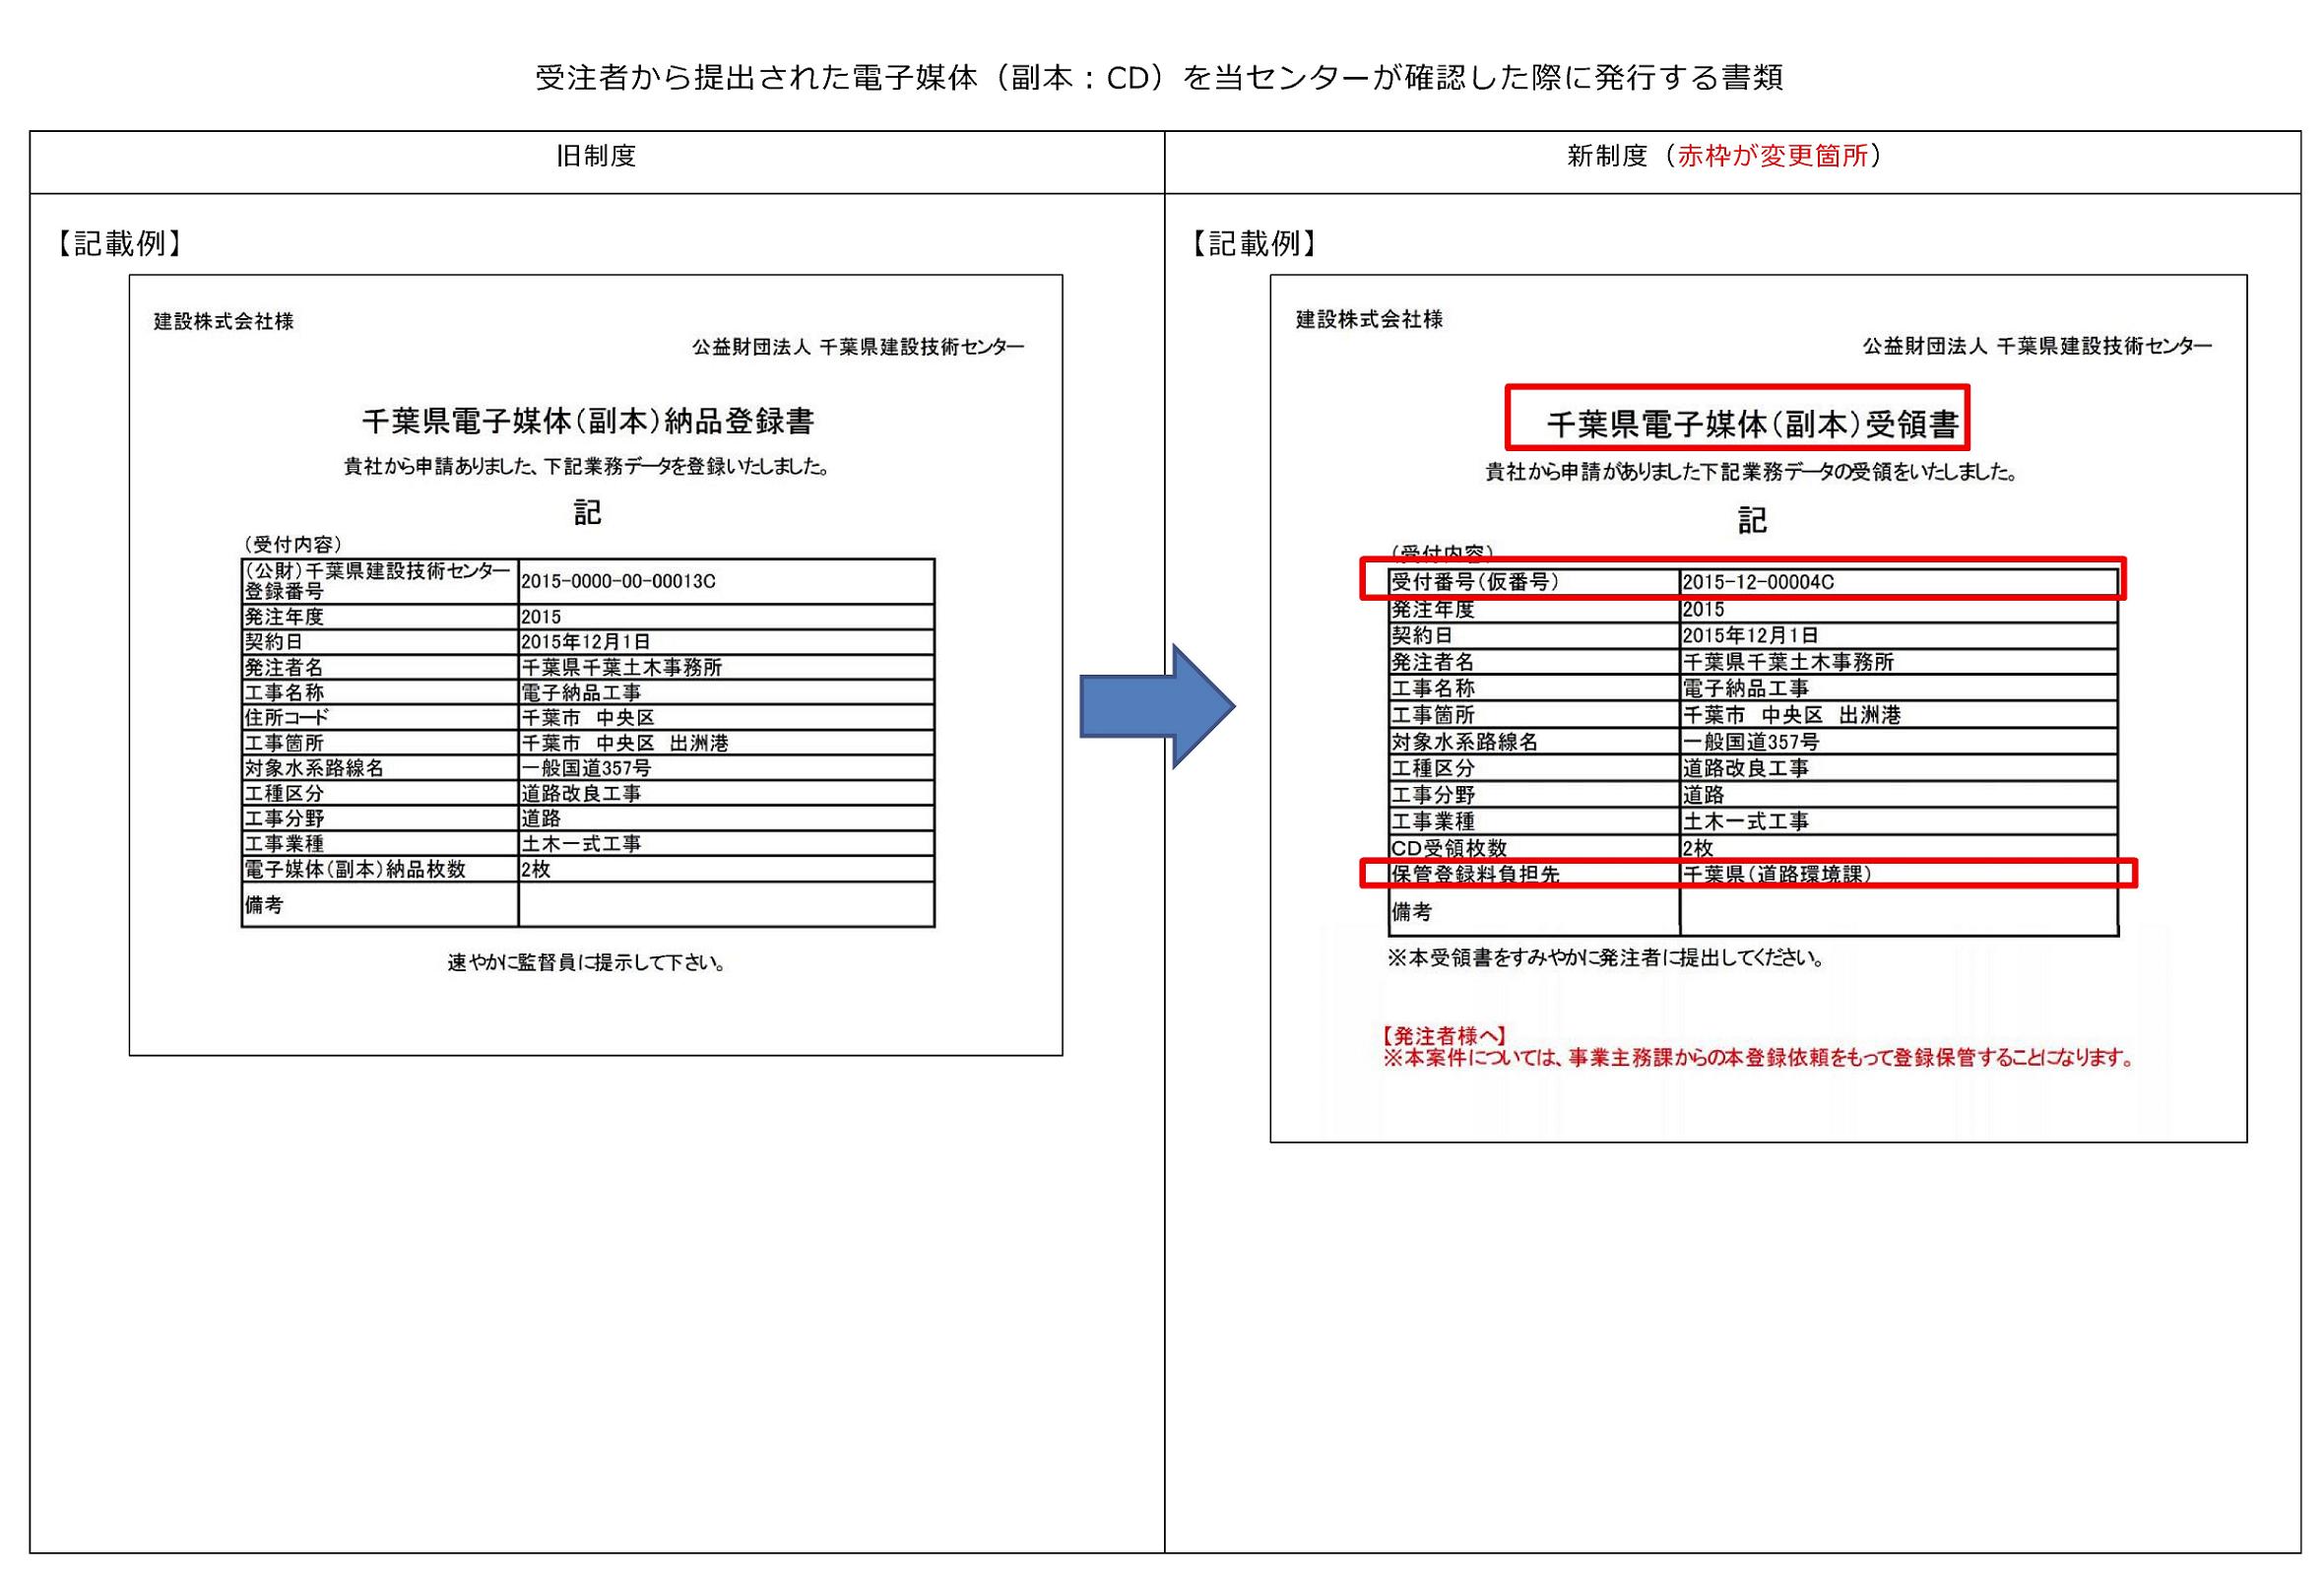 受注者から提出された電子媒体(副本:CD)を当センターが確認した際に発行する書類